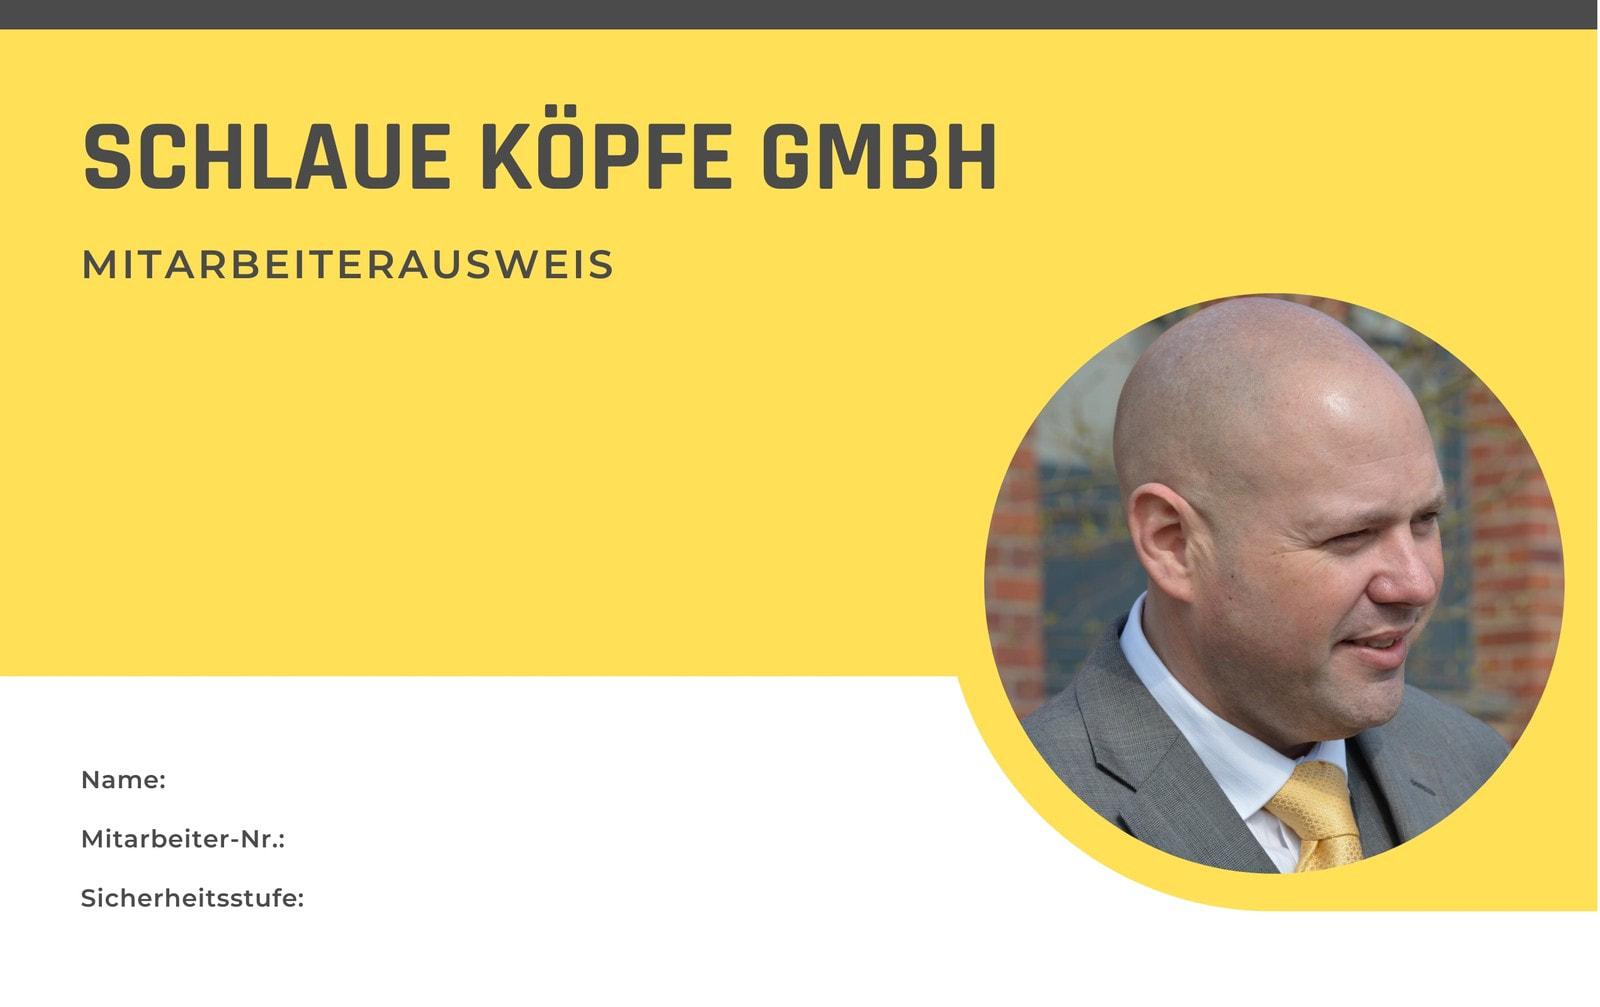 Gelb und Weiß Foto Sicherheit Ausweis